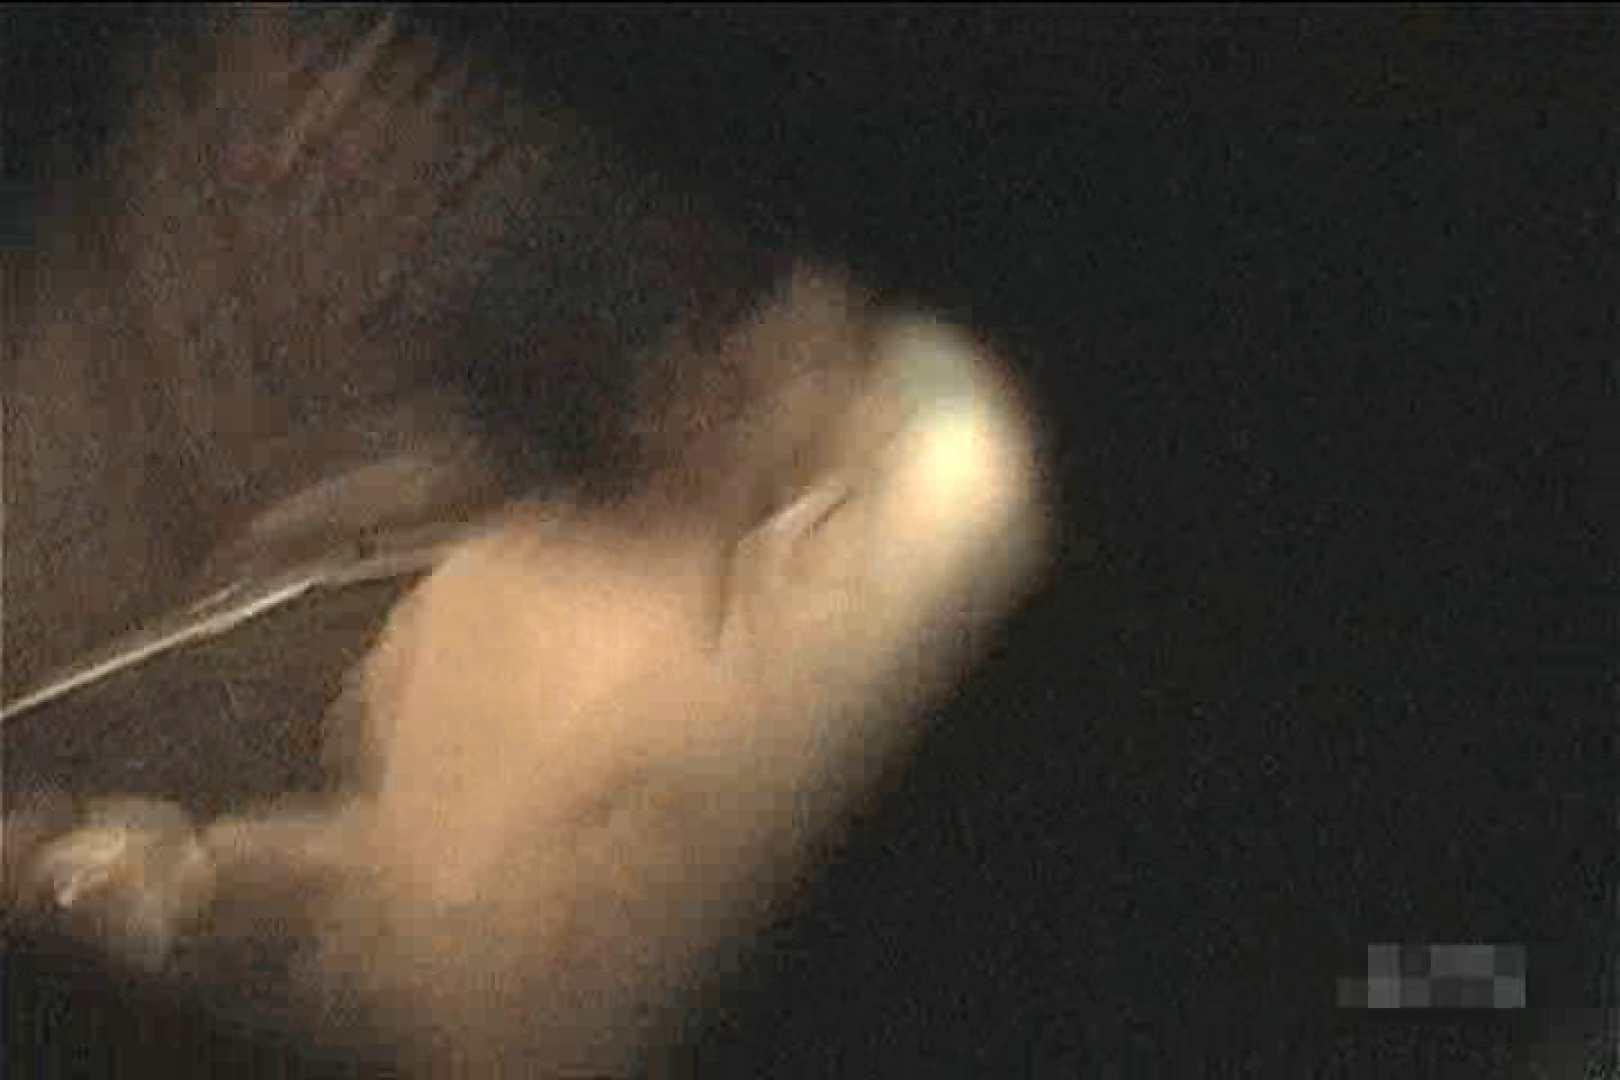 激撮ストーカー記録あなたのお宅拝見しますVol.8 盗撮  41pic 10